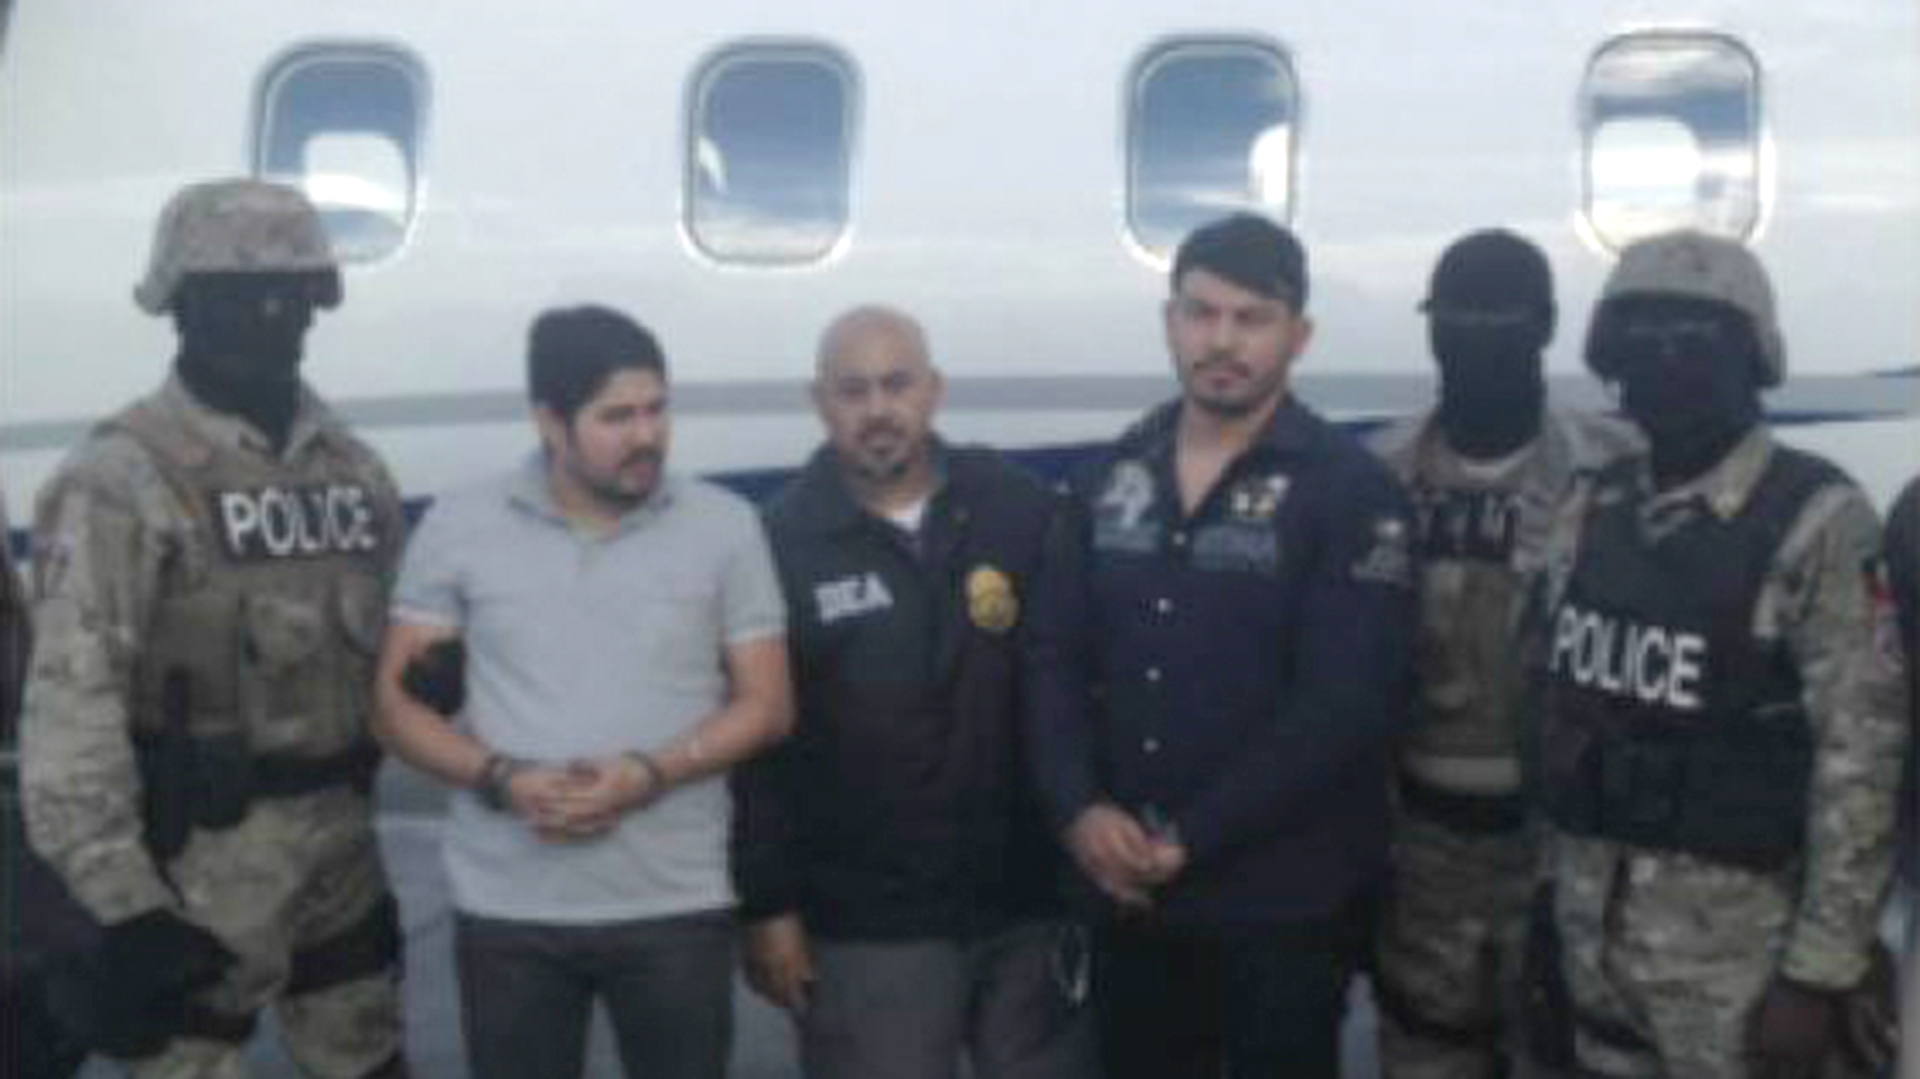 Efraín Antonio Campo Flores y Franqui Francisco Flores de Freitas fueron arrestados en Haití en 2015 mientras intentaban traficar 800 kilos de cocaína